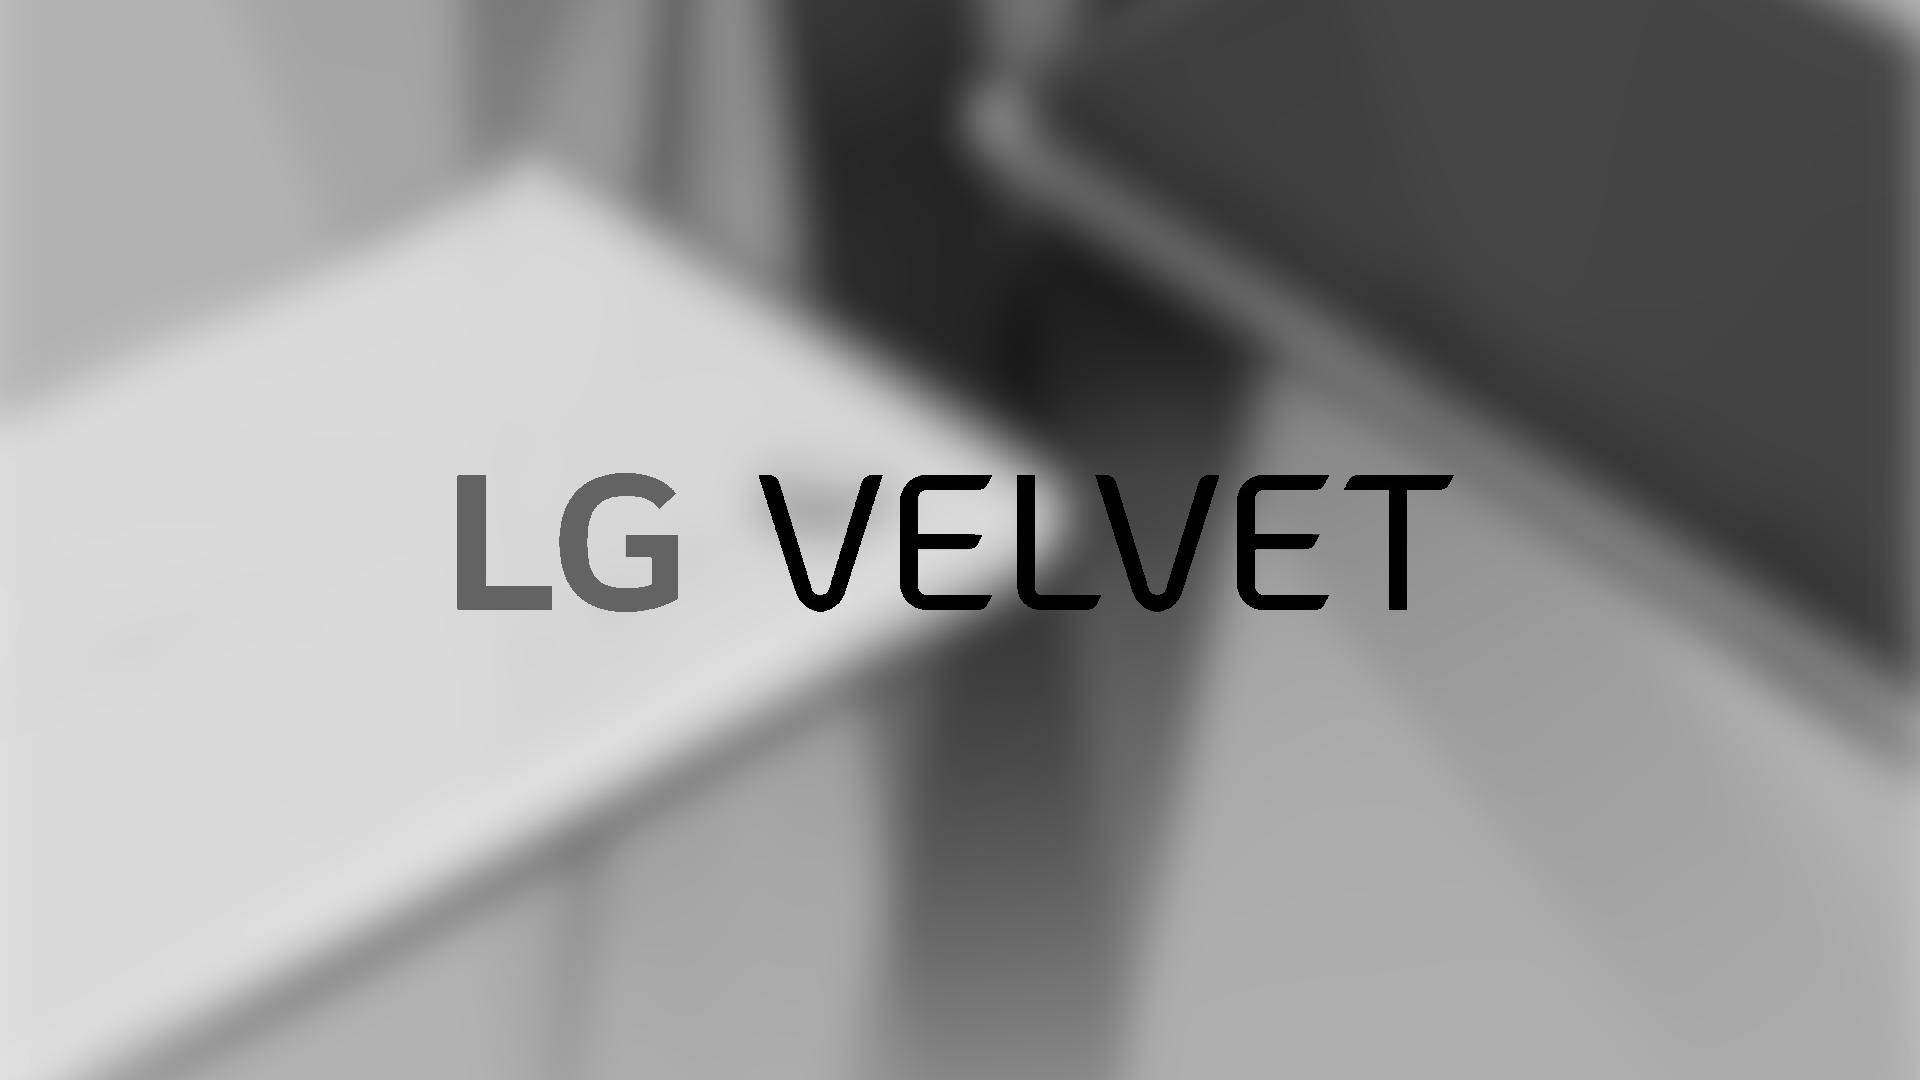 LG Velvet nadchodzi. Co tym razem wymyśliło LG? 15